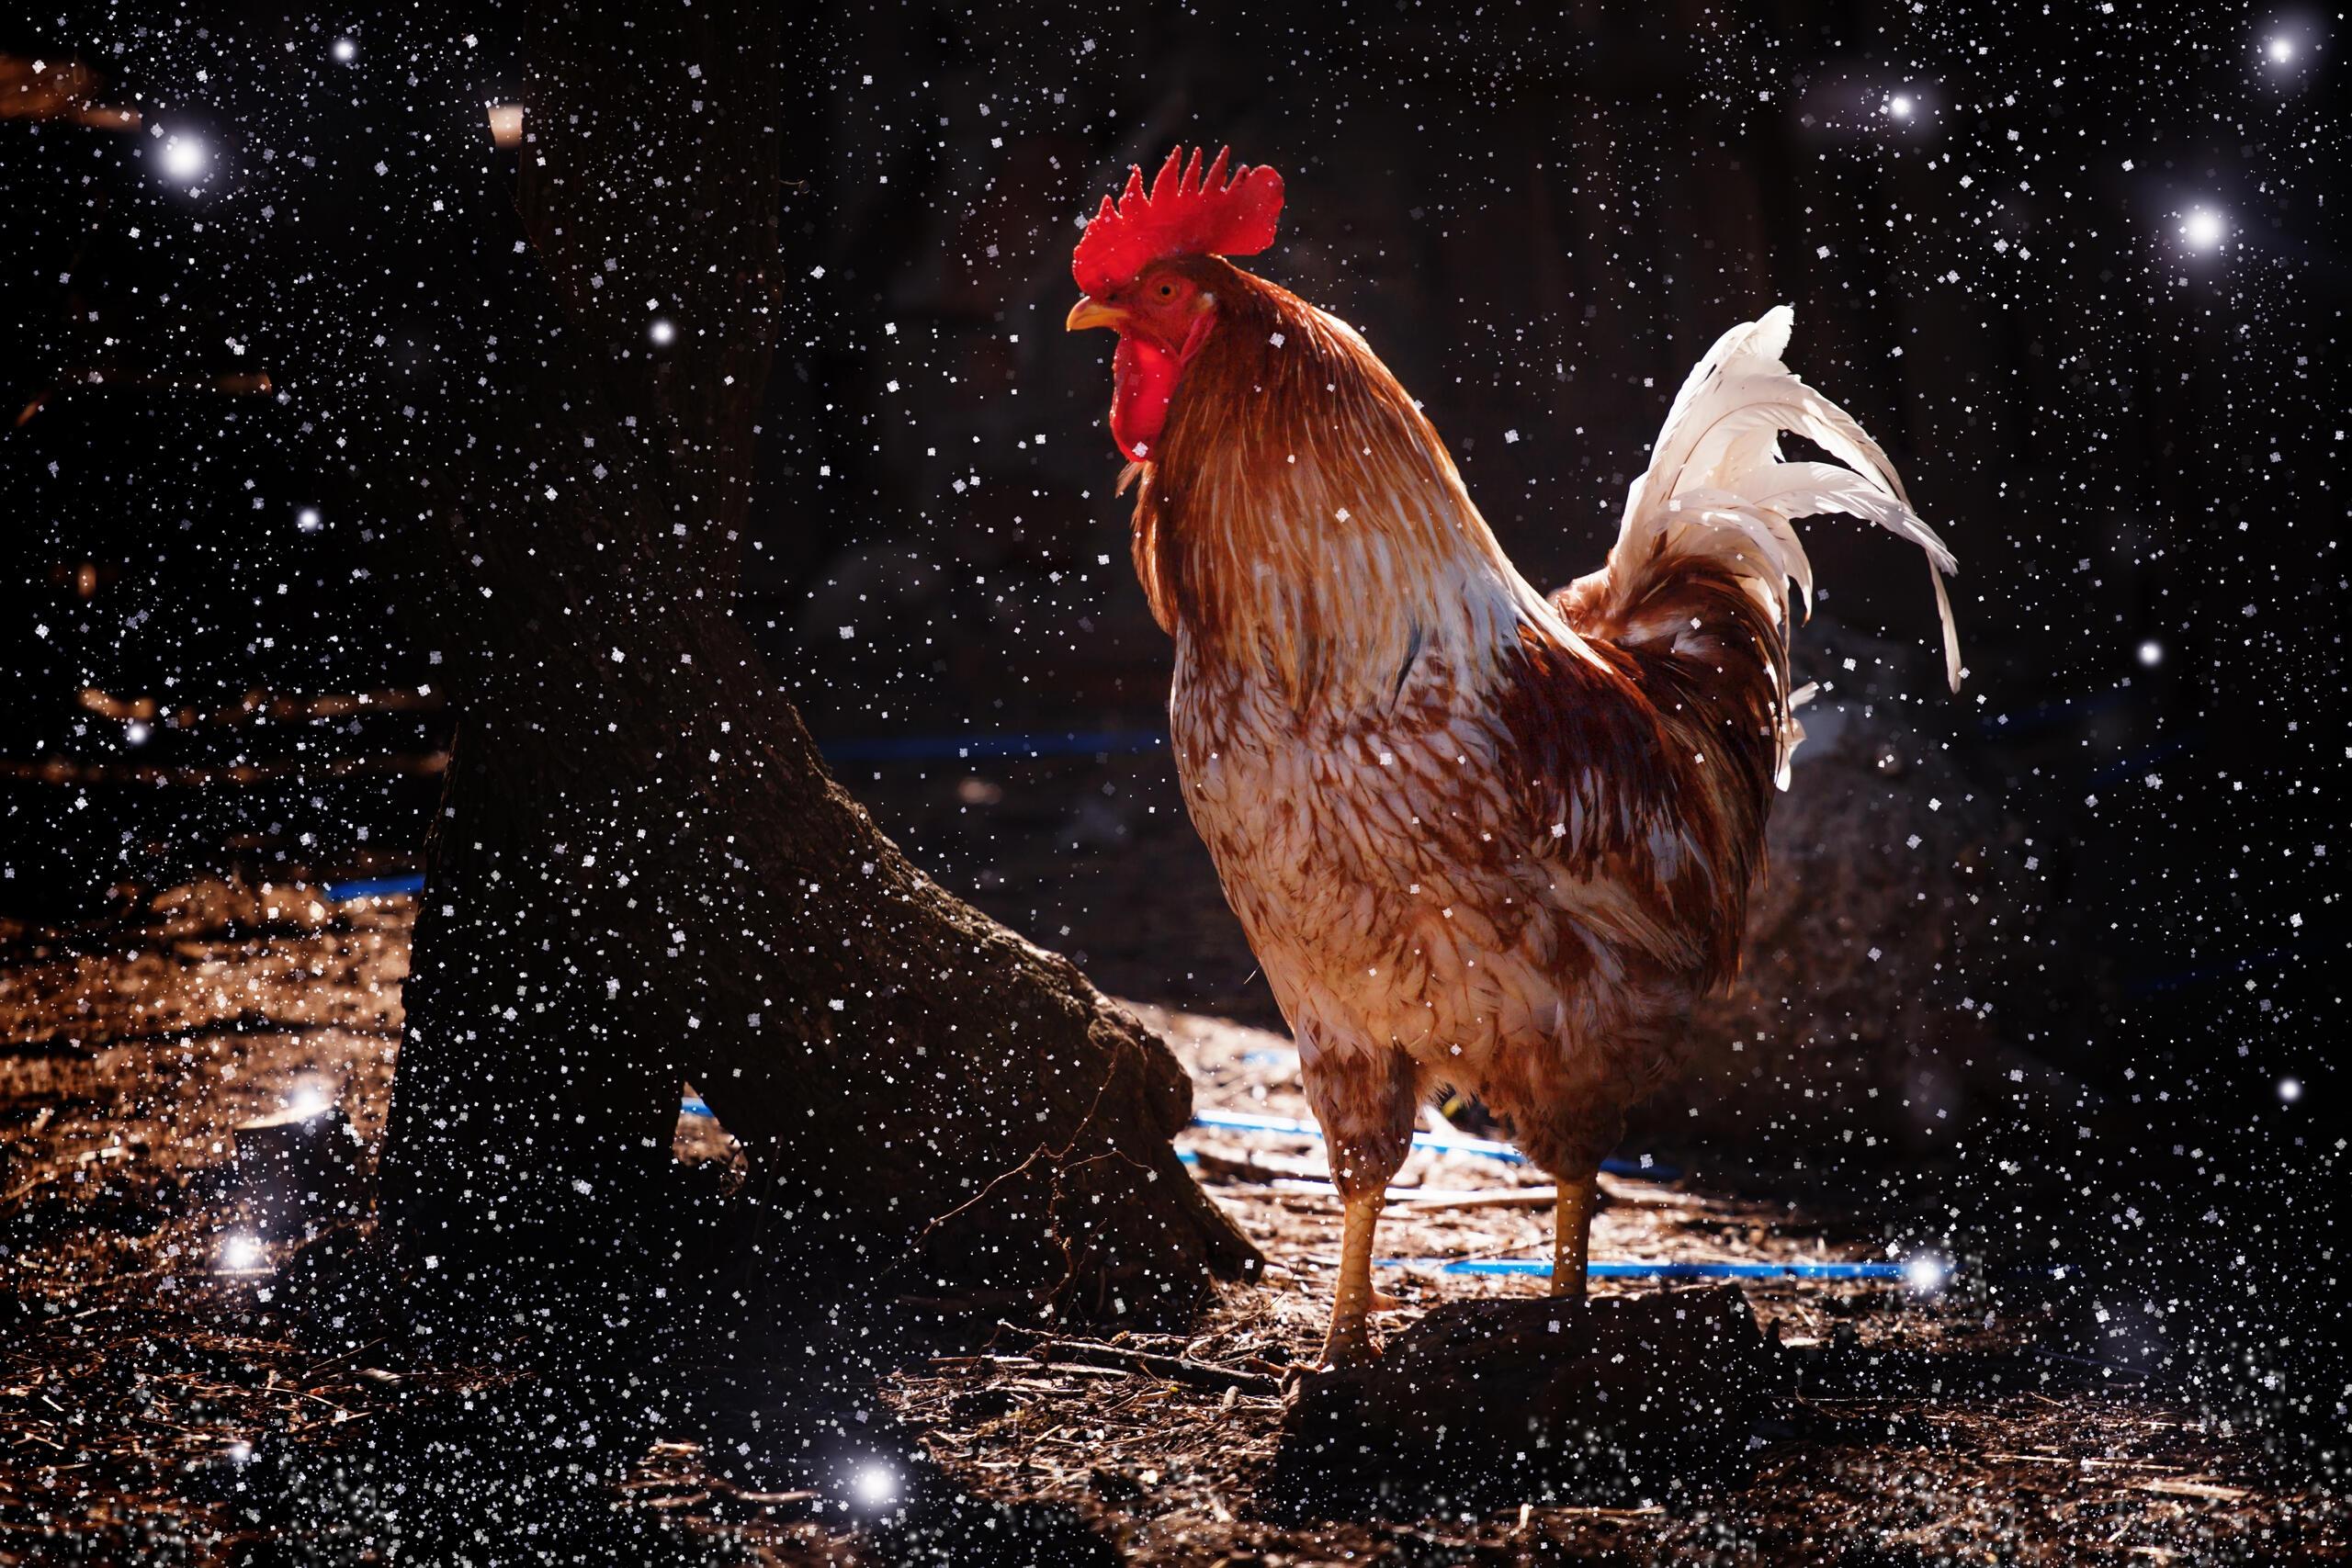 Chinesisches Horoskop 2017 - Jahr des Hahns - Feuer-Hahn